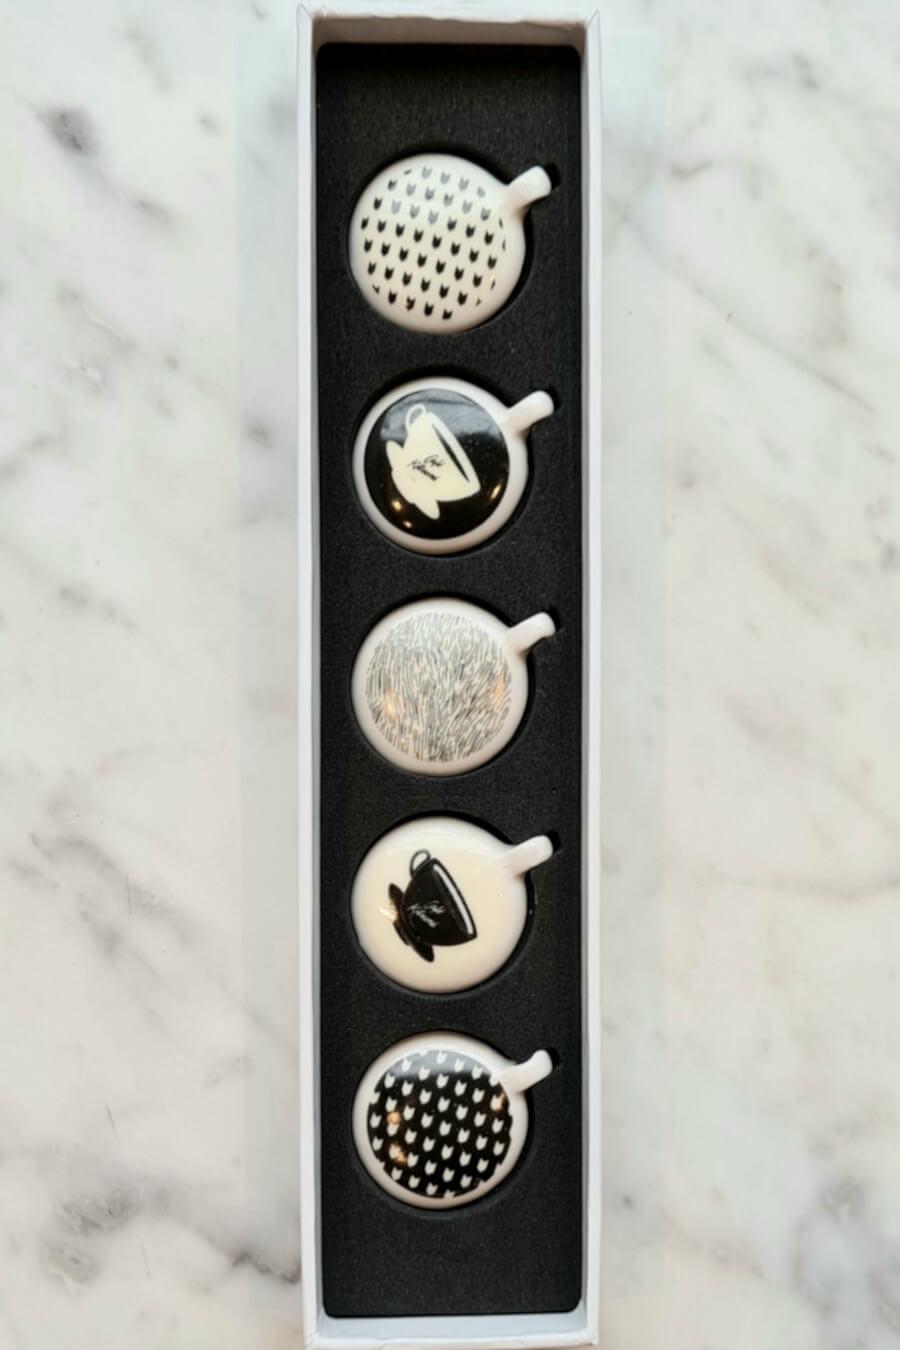 Coffret de 5 fèves DALLOYAU x CAfé kitsune